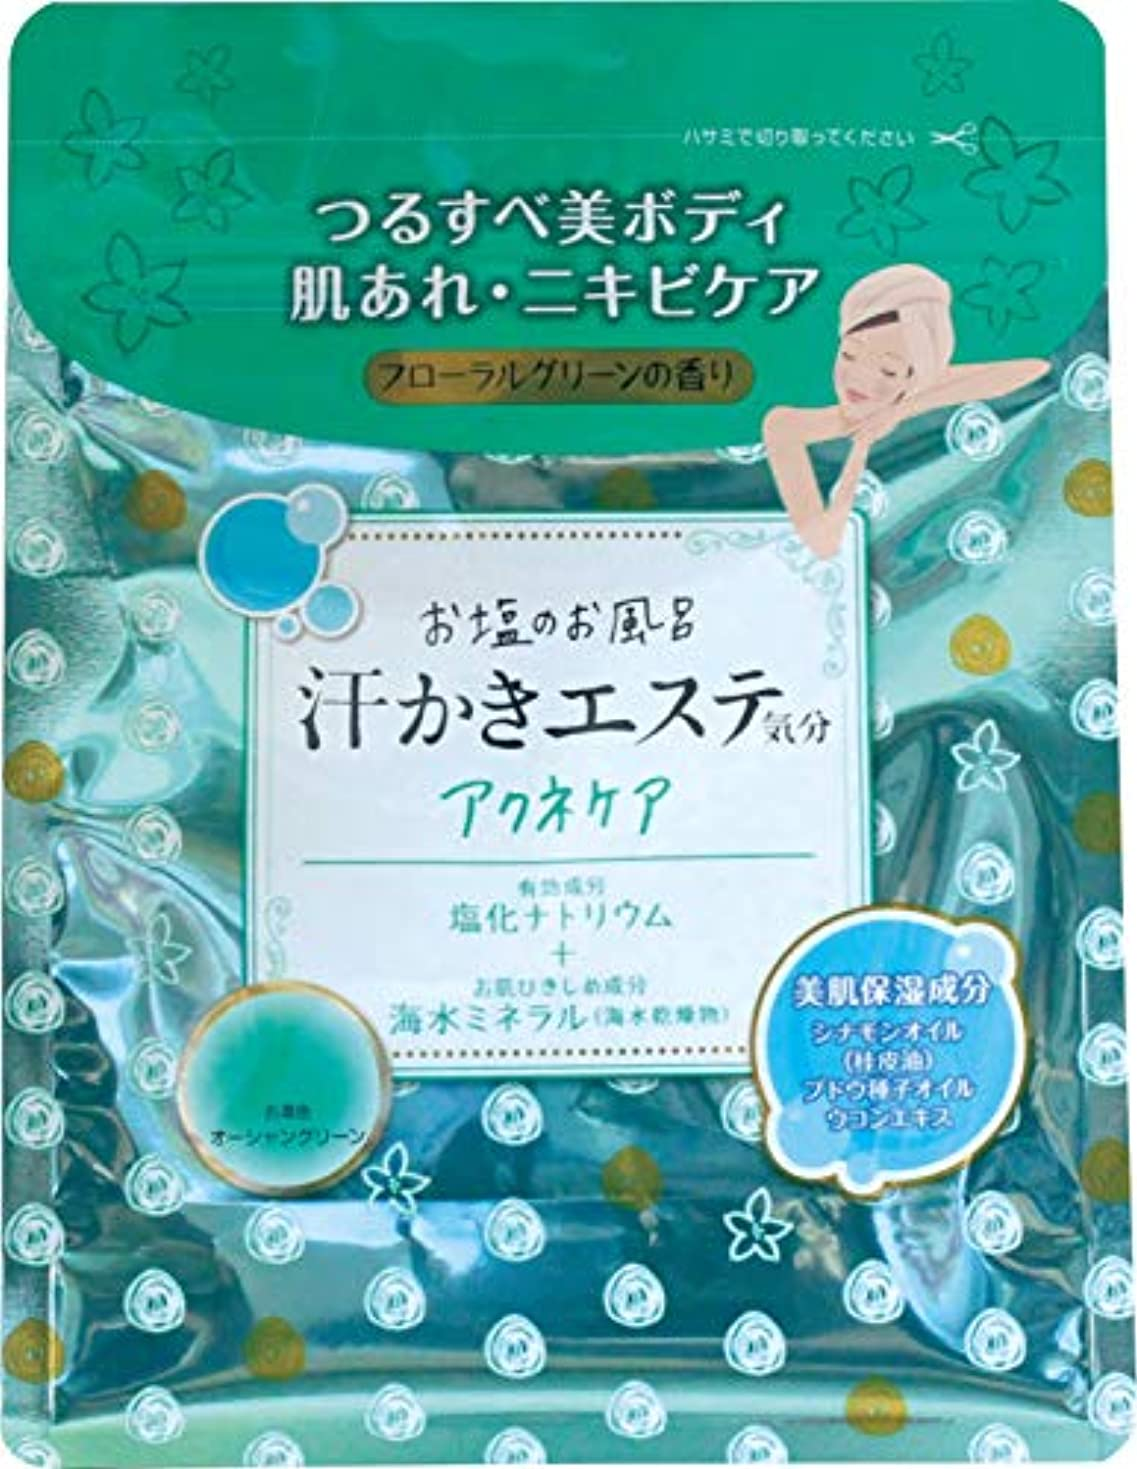 チョコレート期間マークマックス 汗かきエステ気分 アクネケア 入浴剤 500g